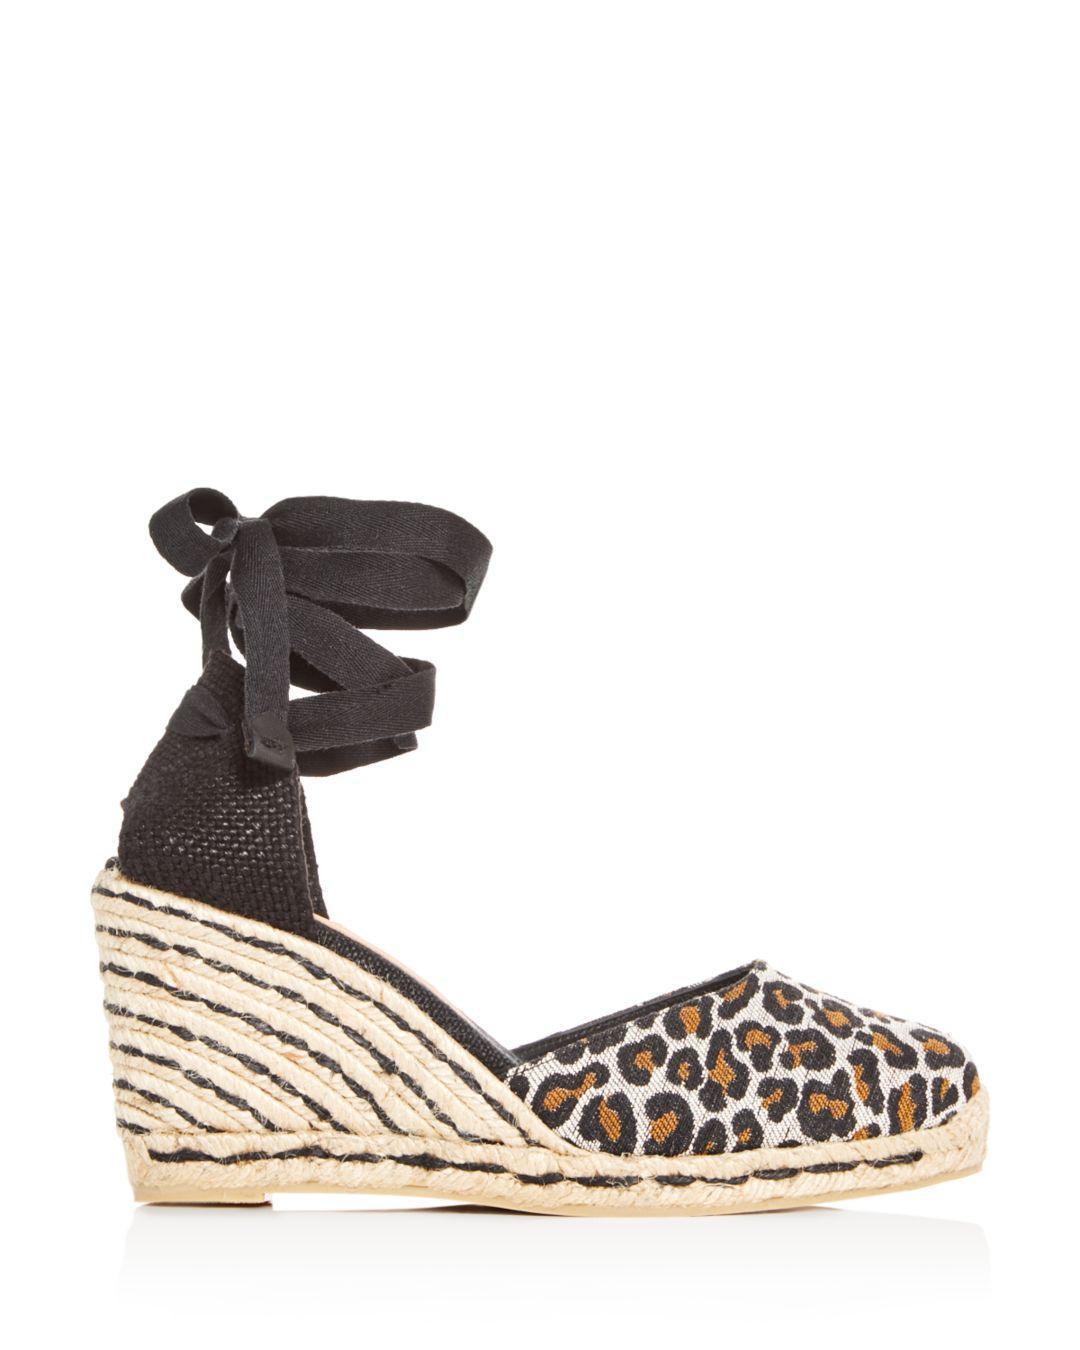 35cc44f52969 Lyst - Castaner Women s Carina Ankle-tie Platform Wedge Espadrille Sandals  in Black